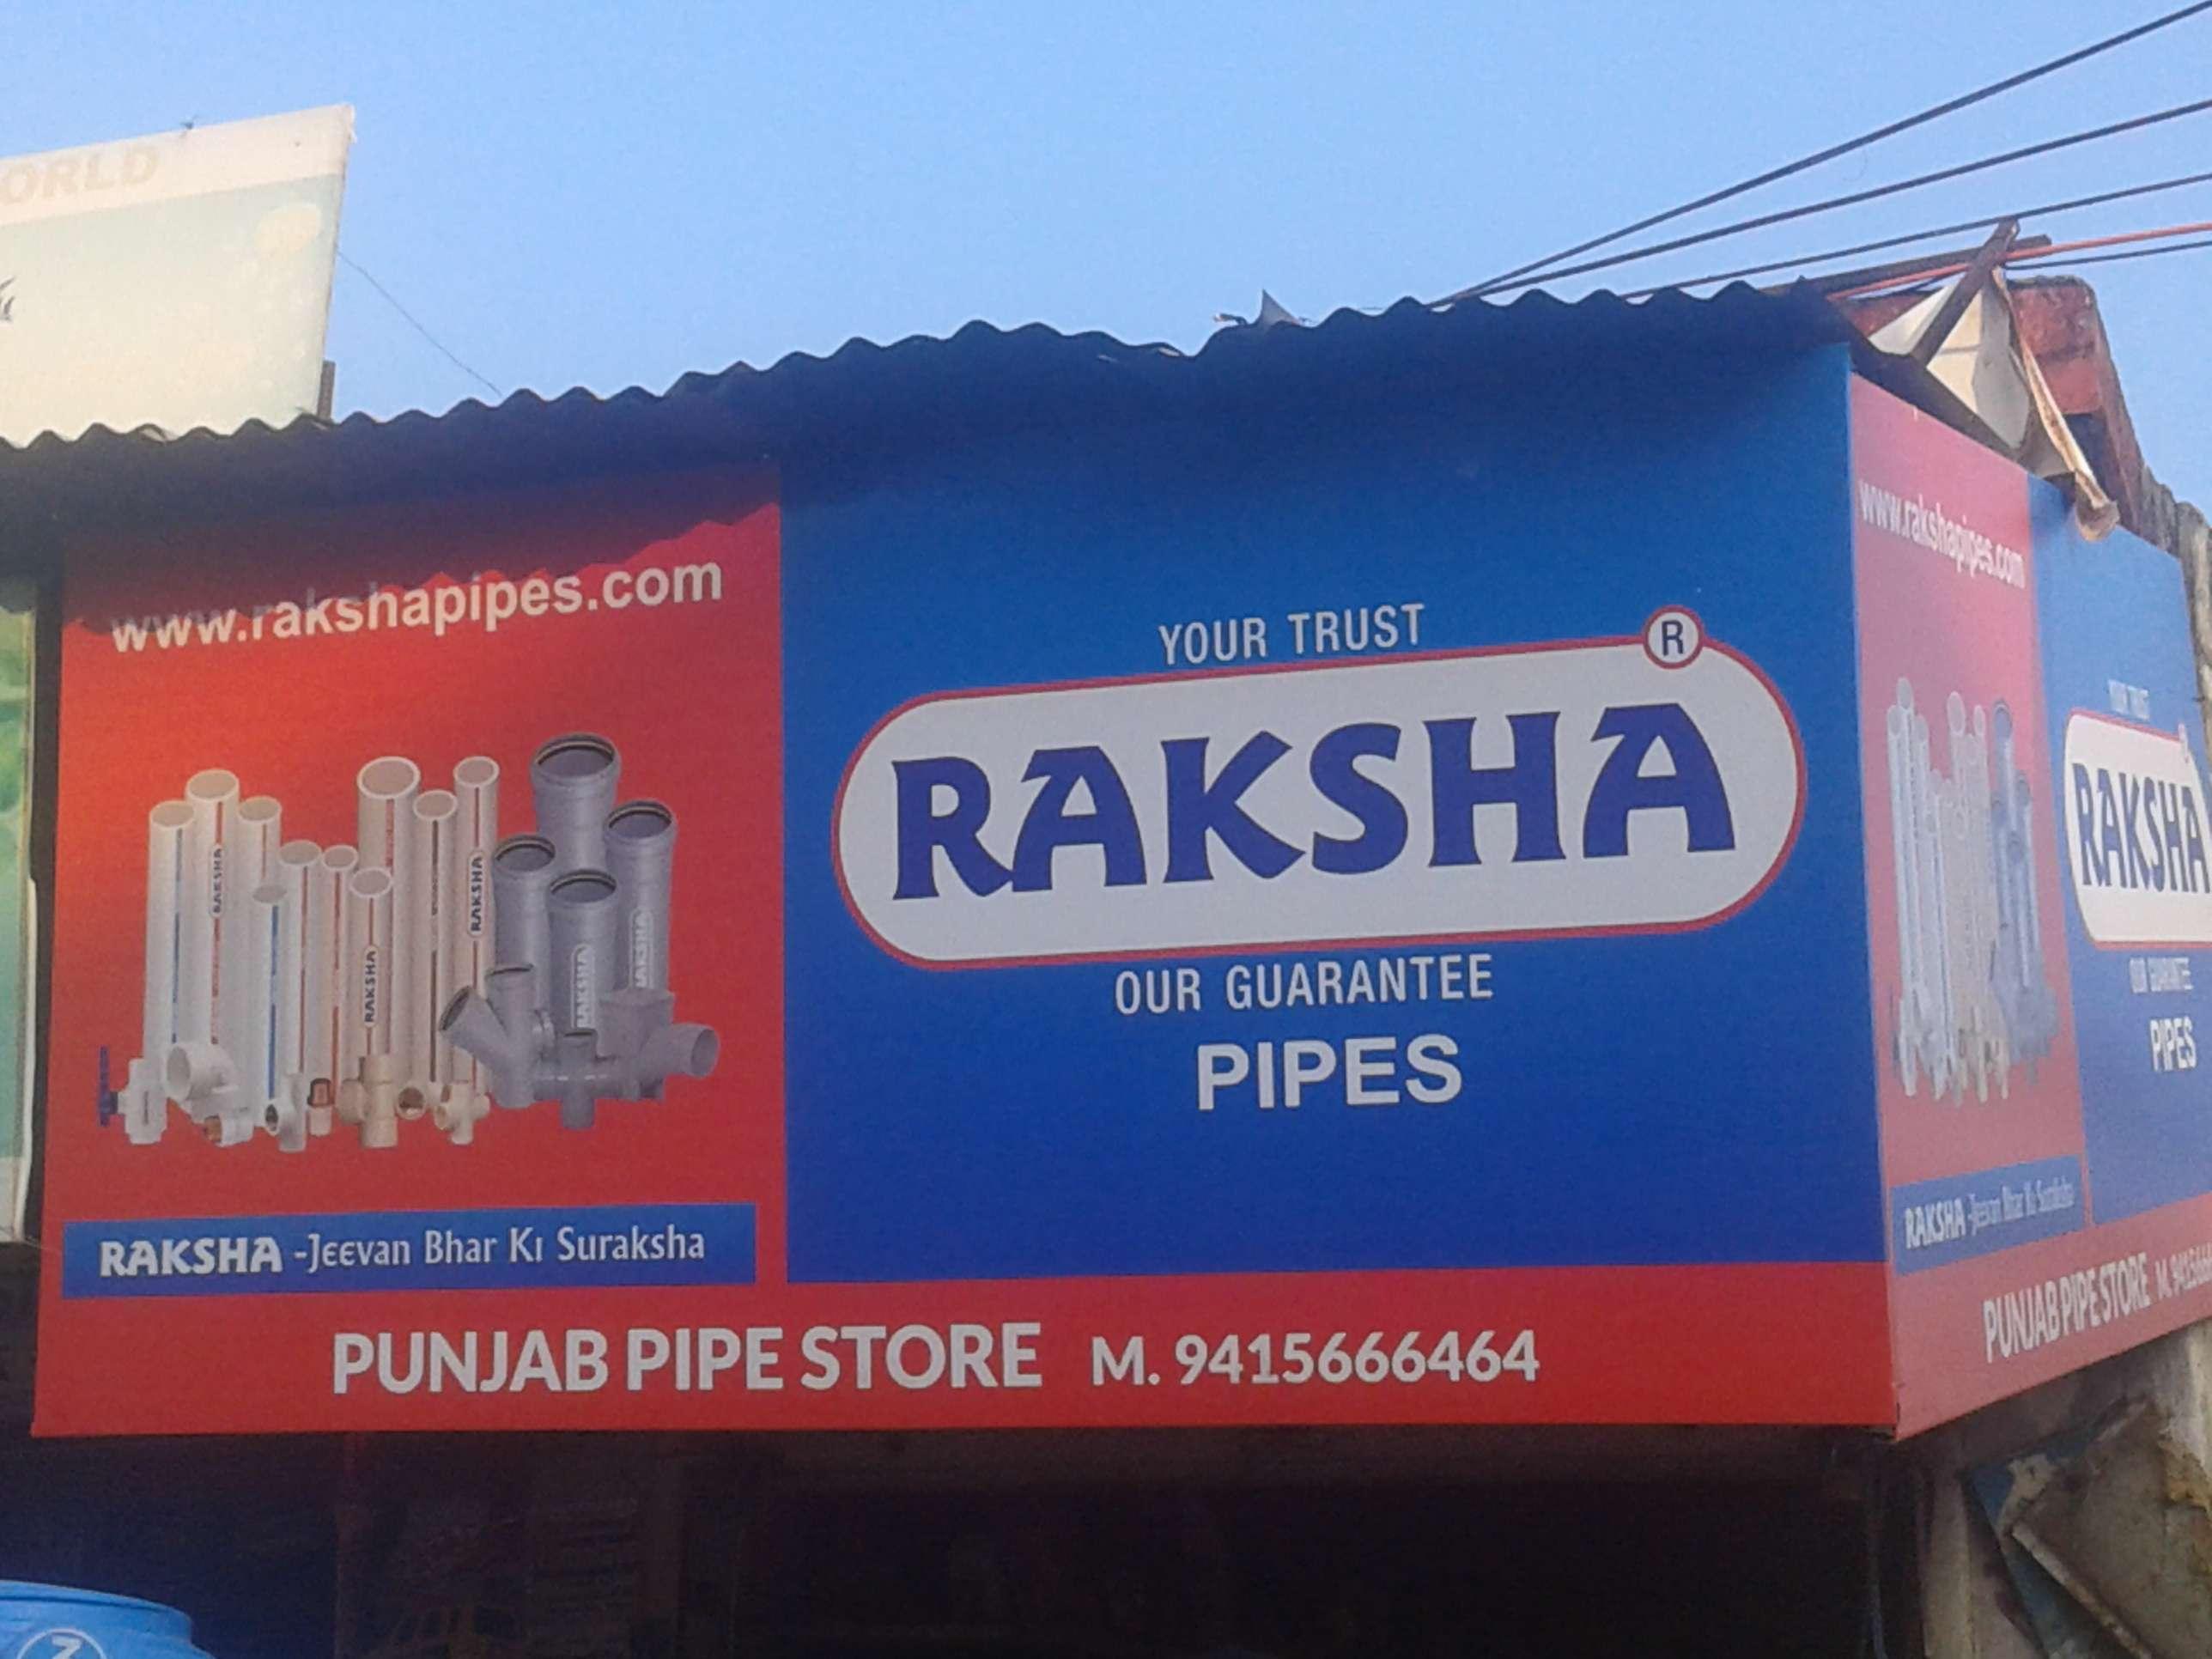 Punjab Pipe Stores Barabanki